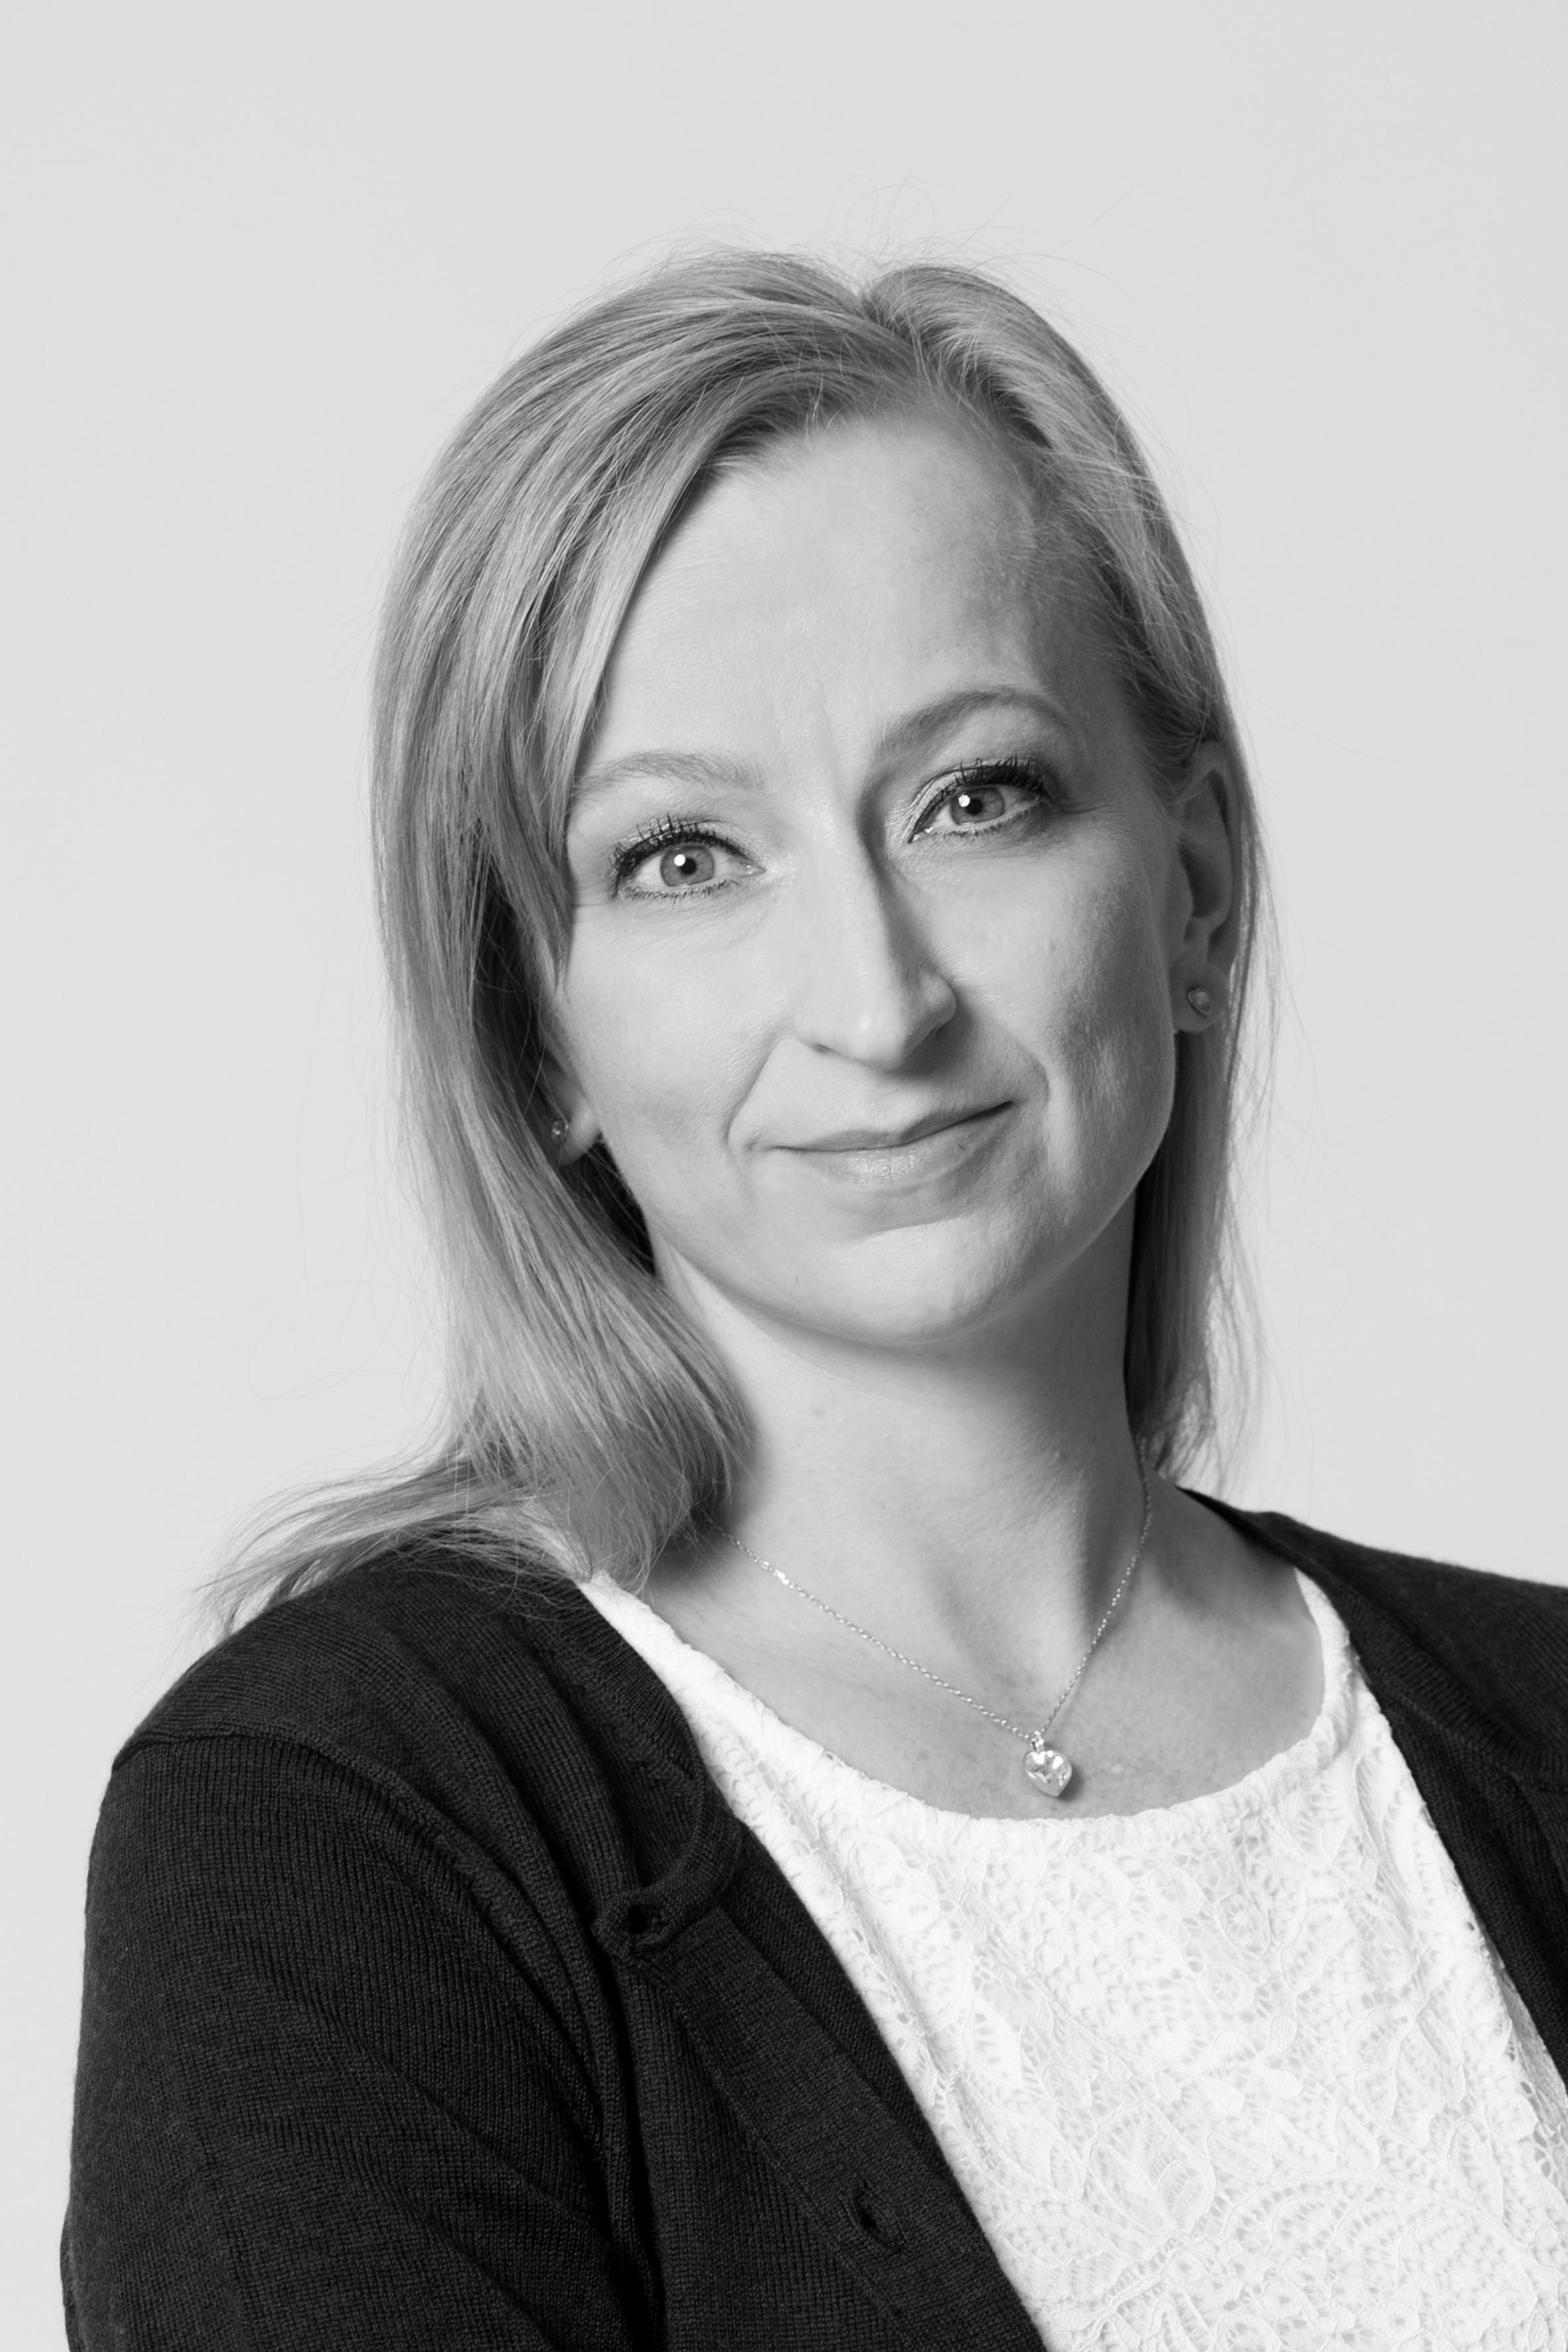 Hanna Söderlund